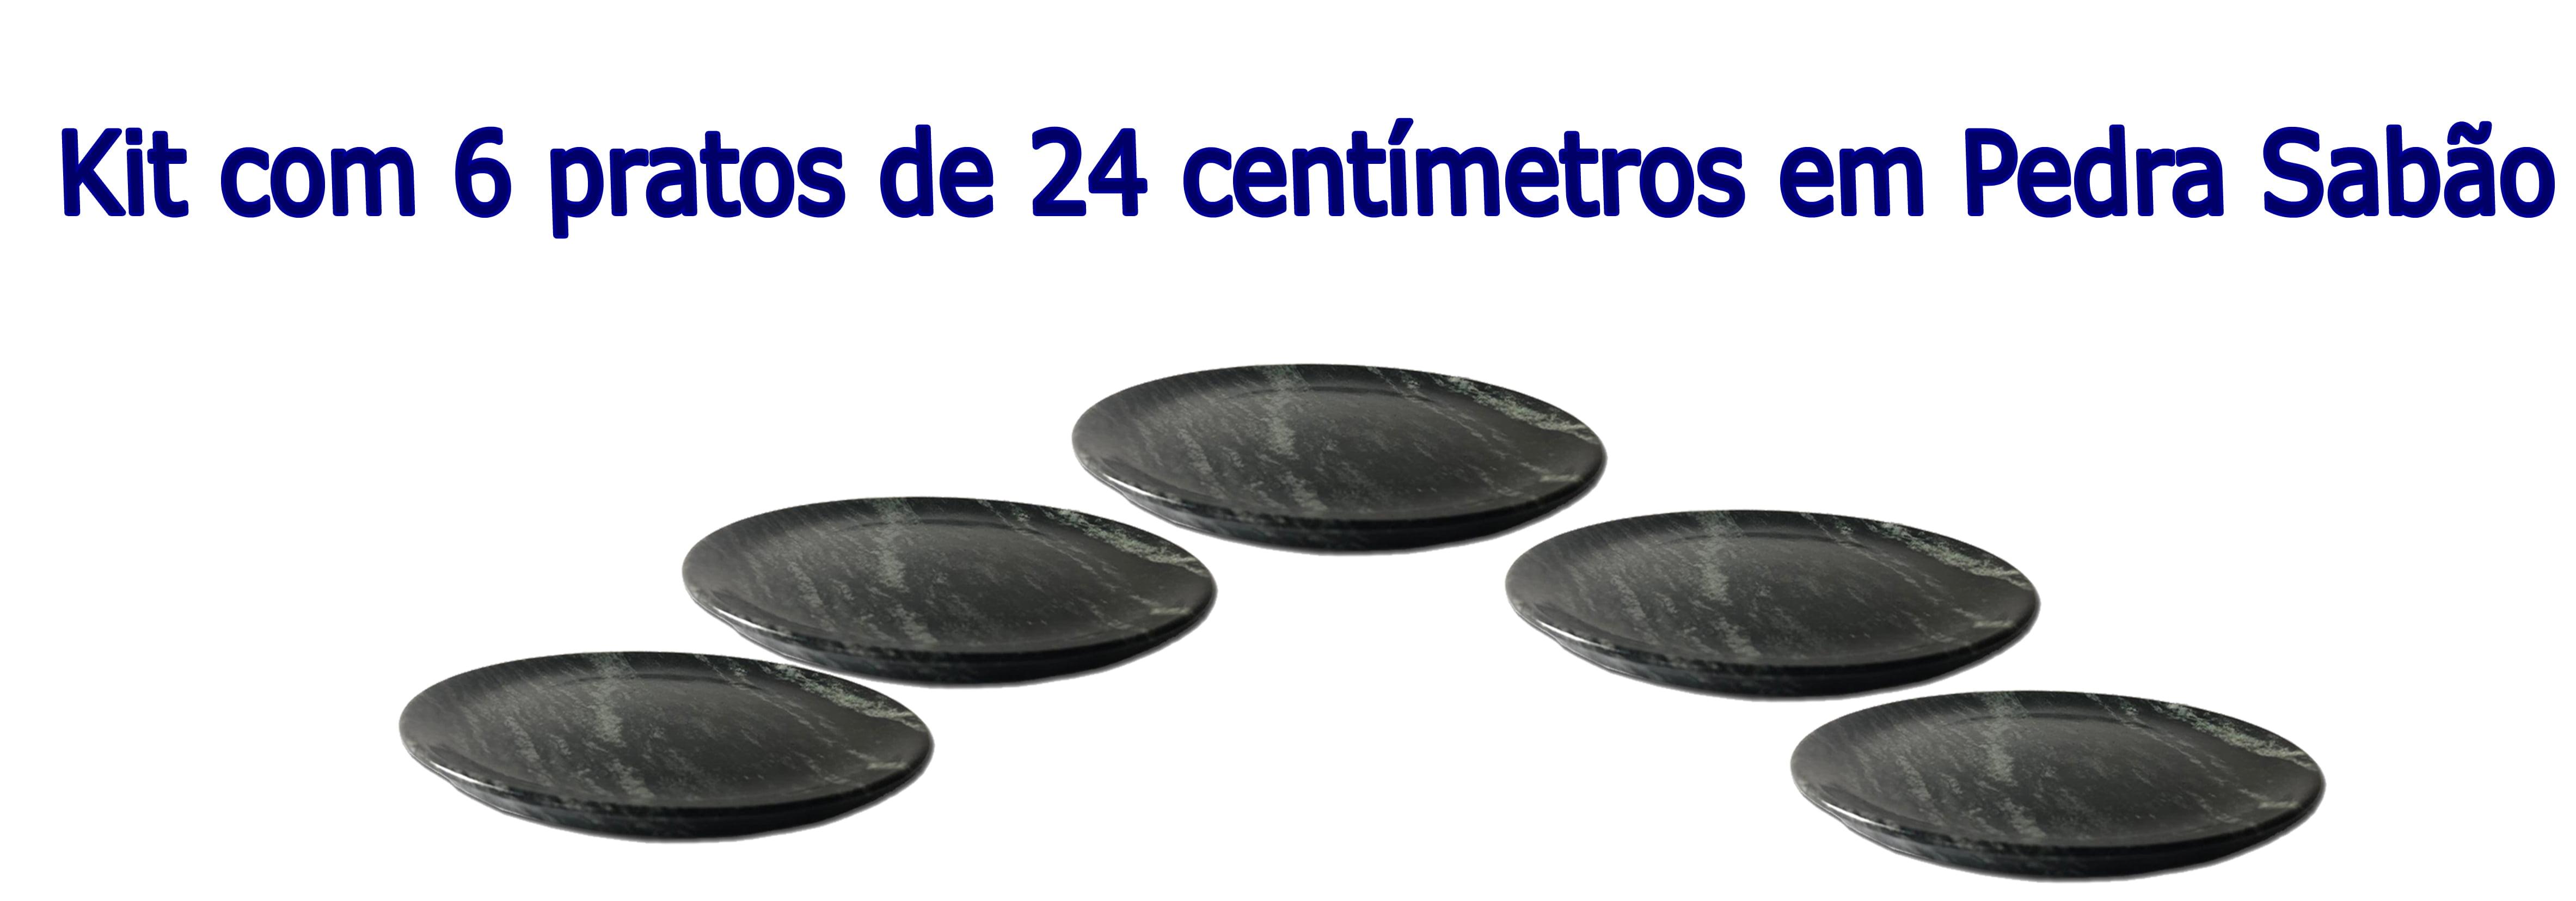 Kit Com 6 Pratos Raso Em Pedra Sabão 24 Cm De Diâmetro